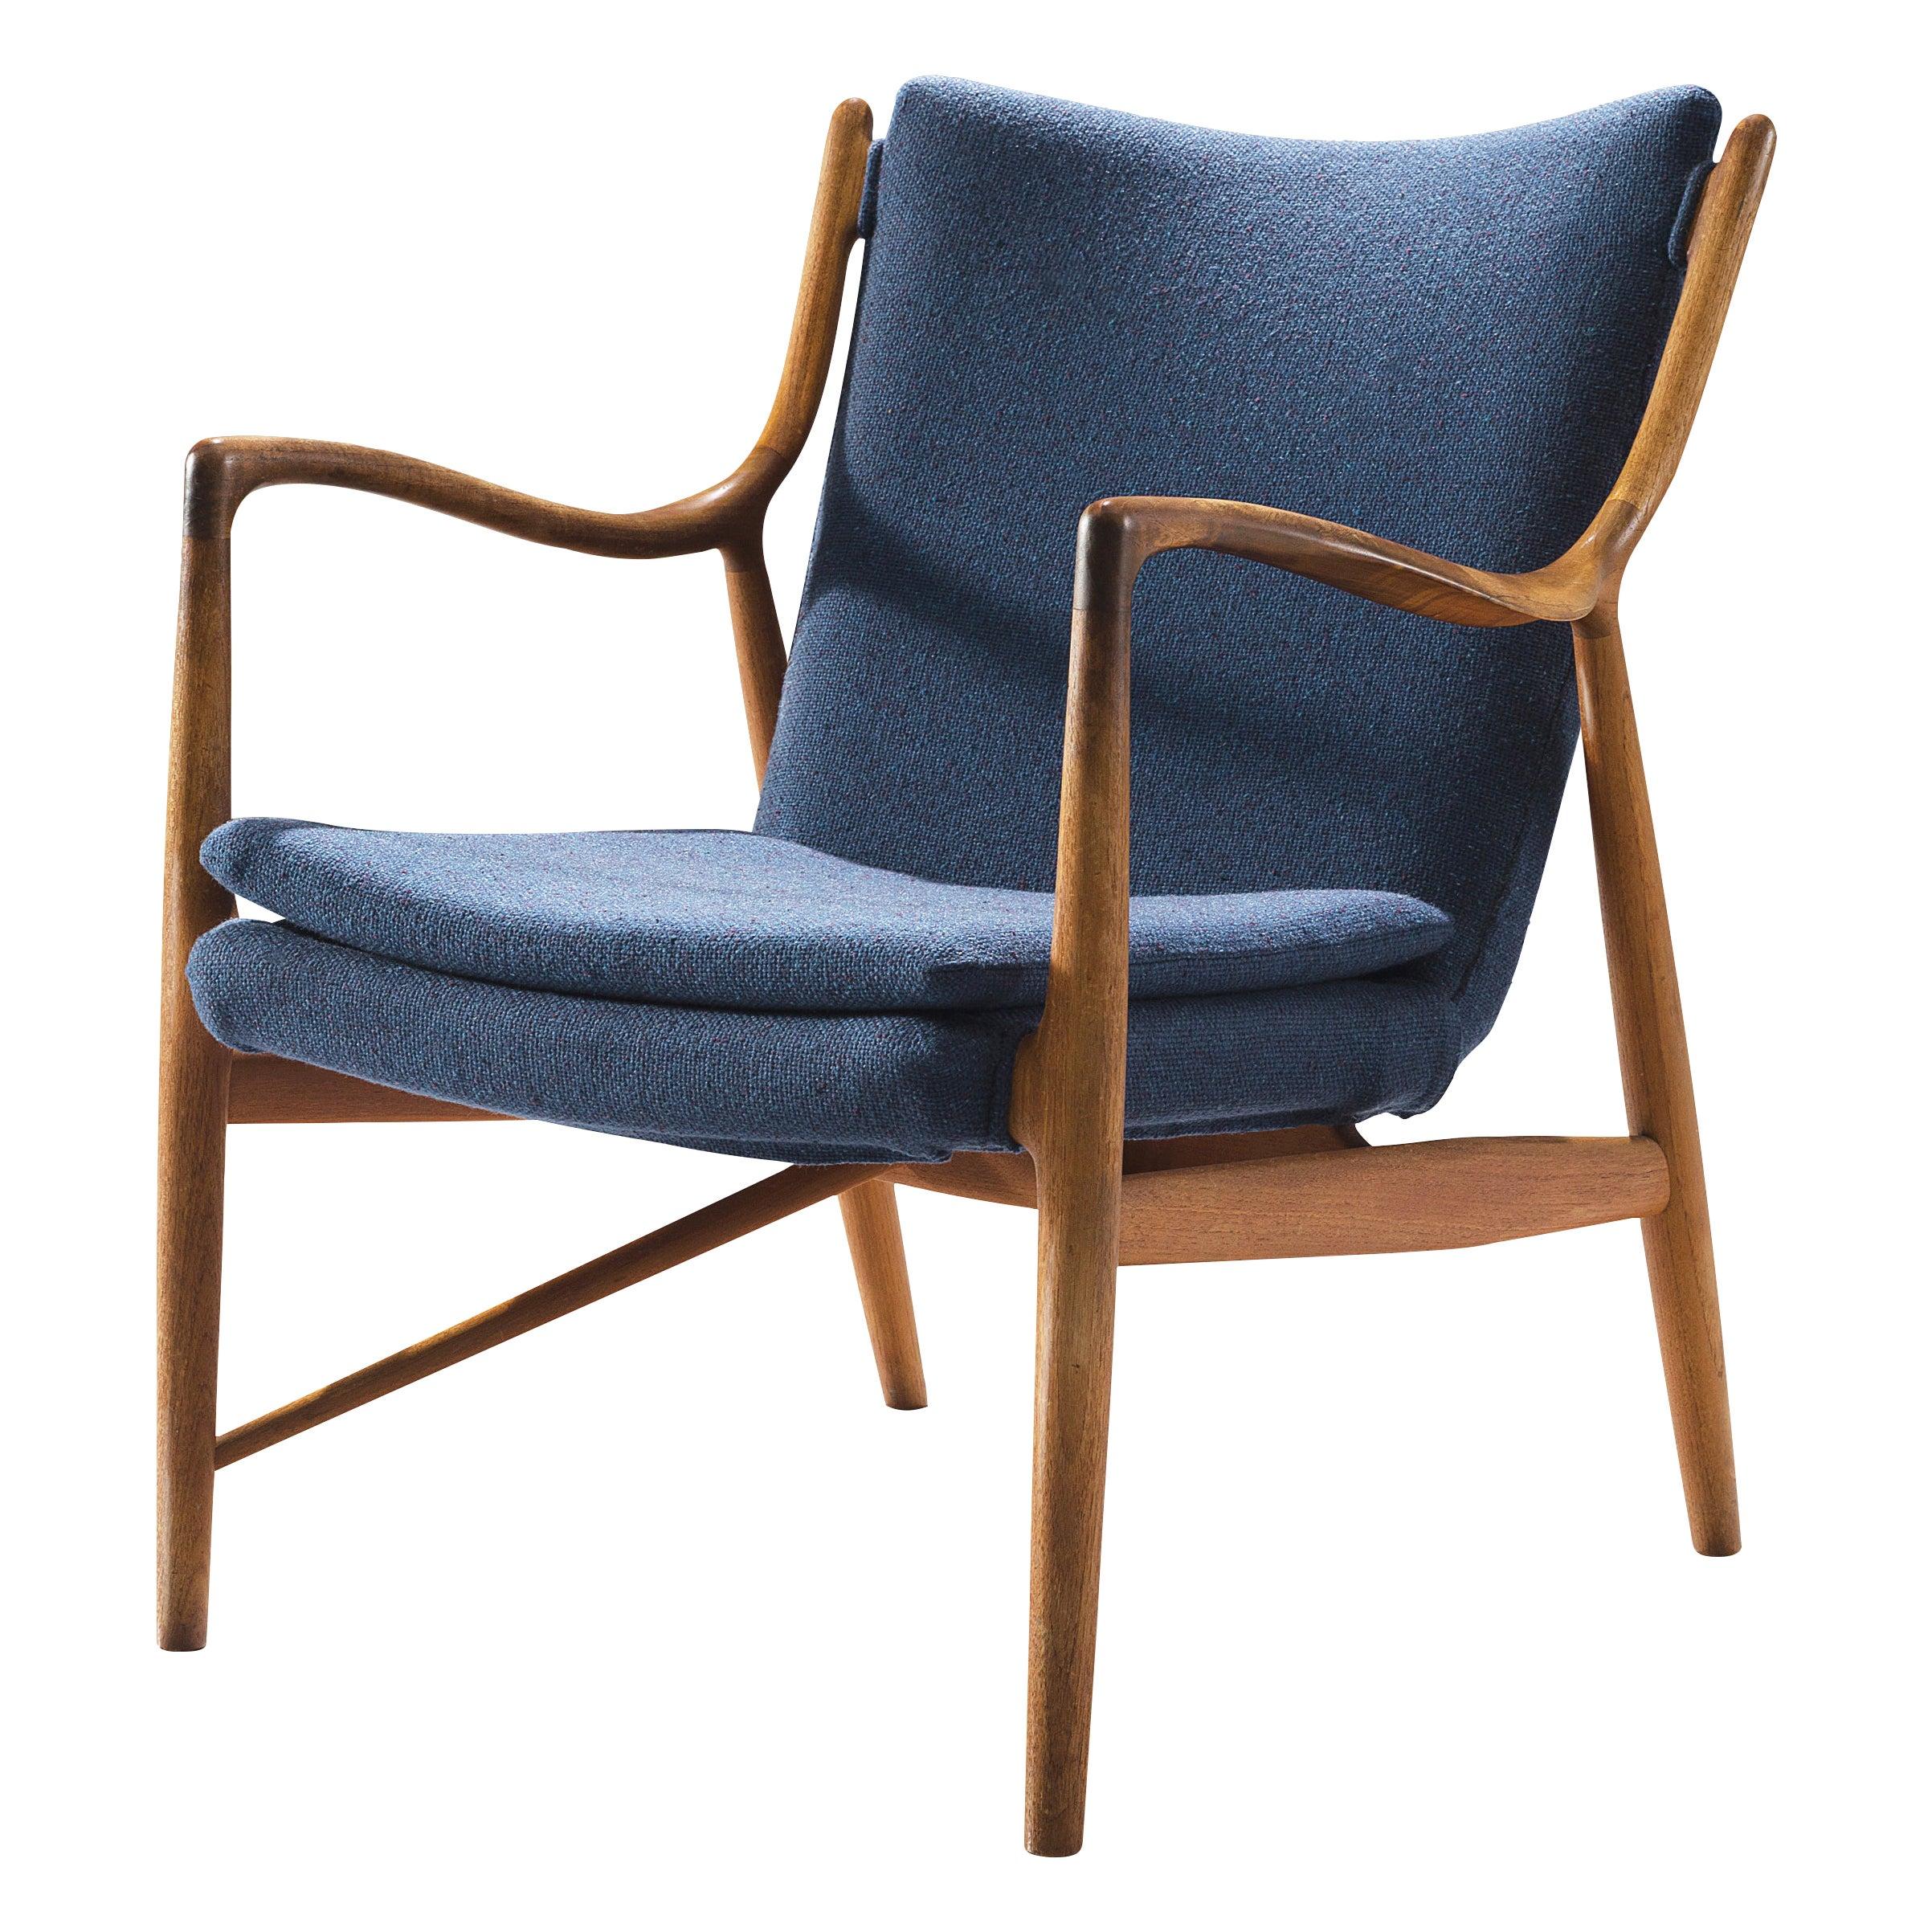 Finn Juhl for Niels Vodder Armchair Nv45 in Teak and Blue Fabric Upholstery